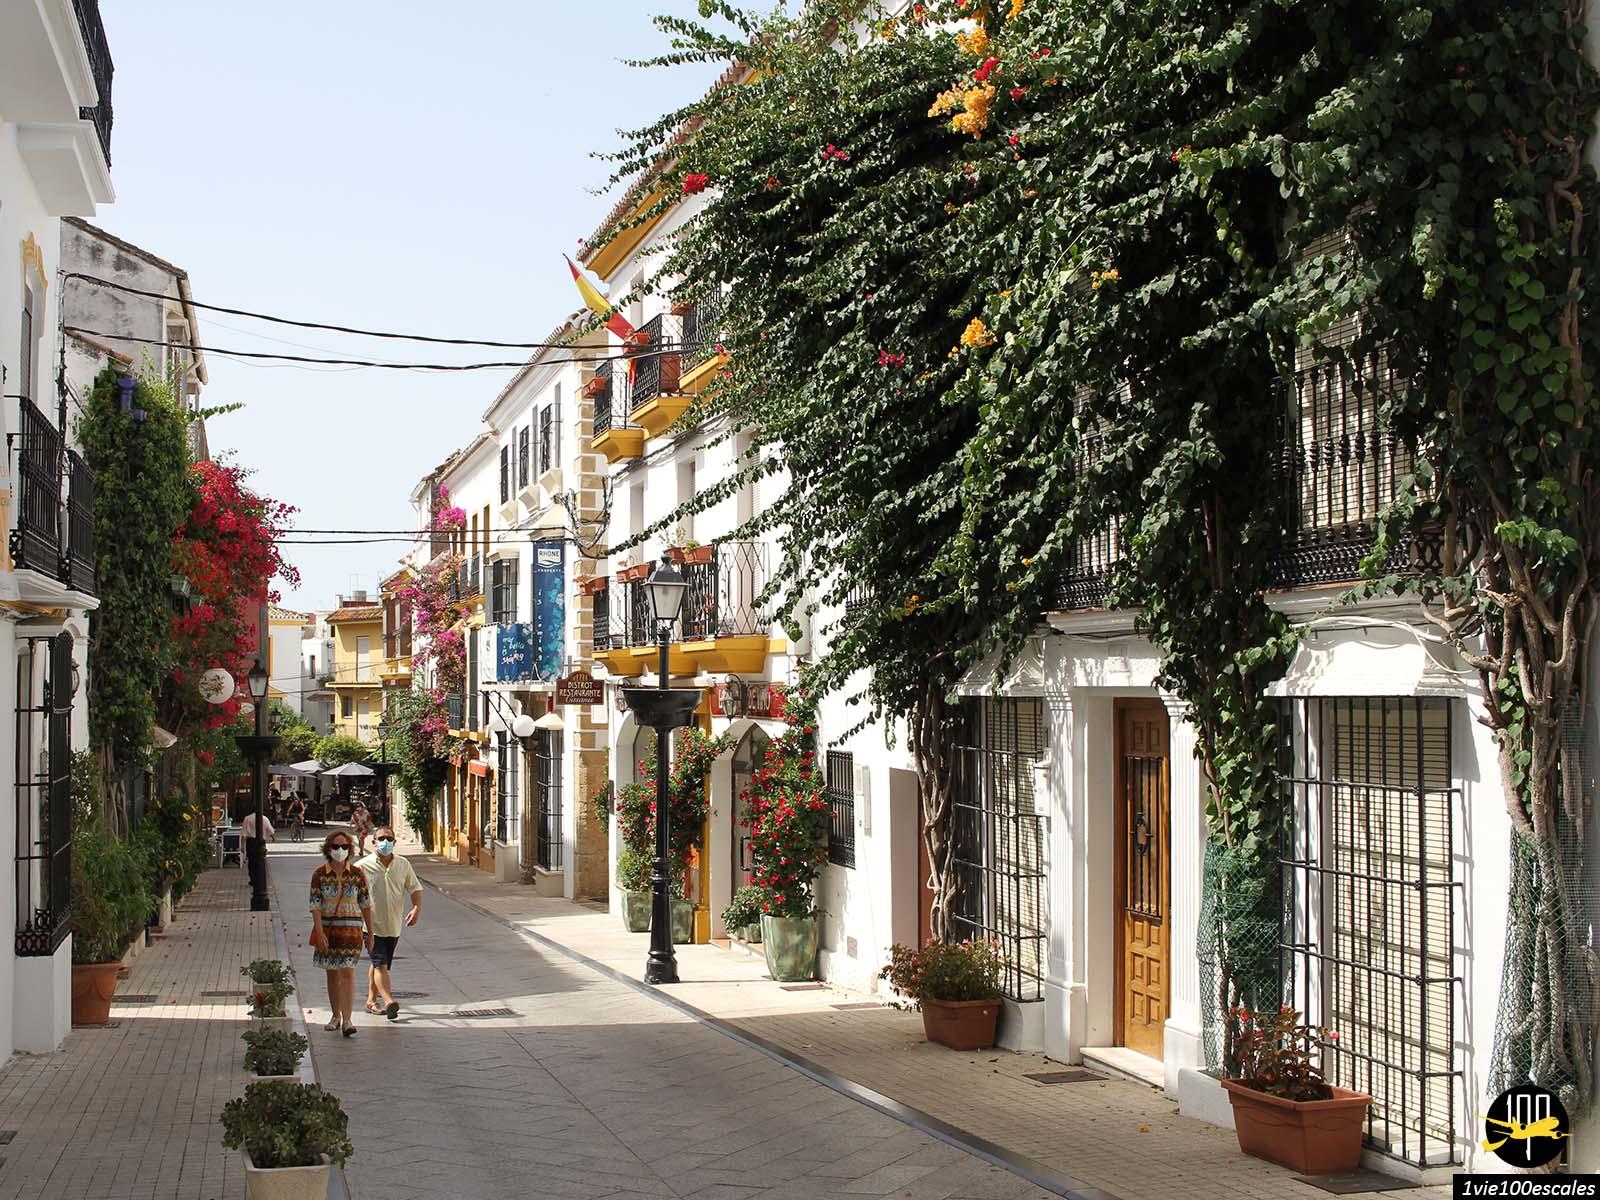 Escale #144 Marbella